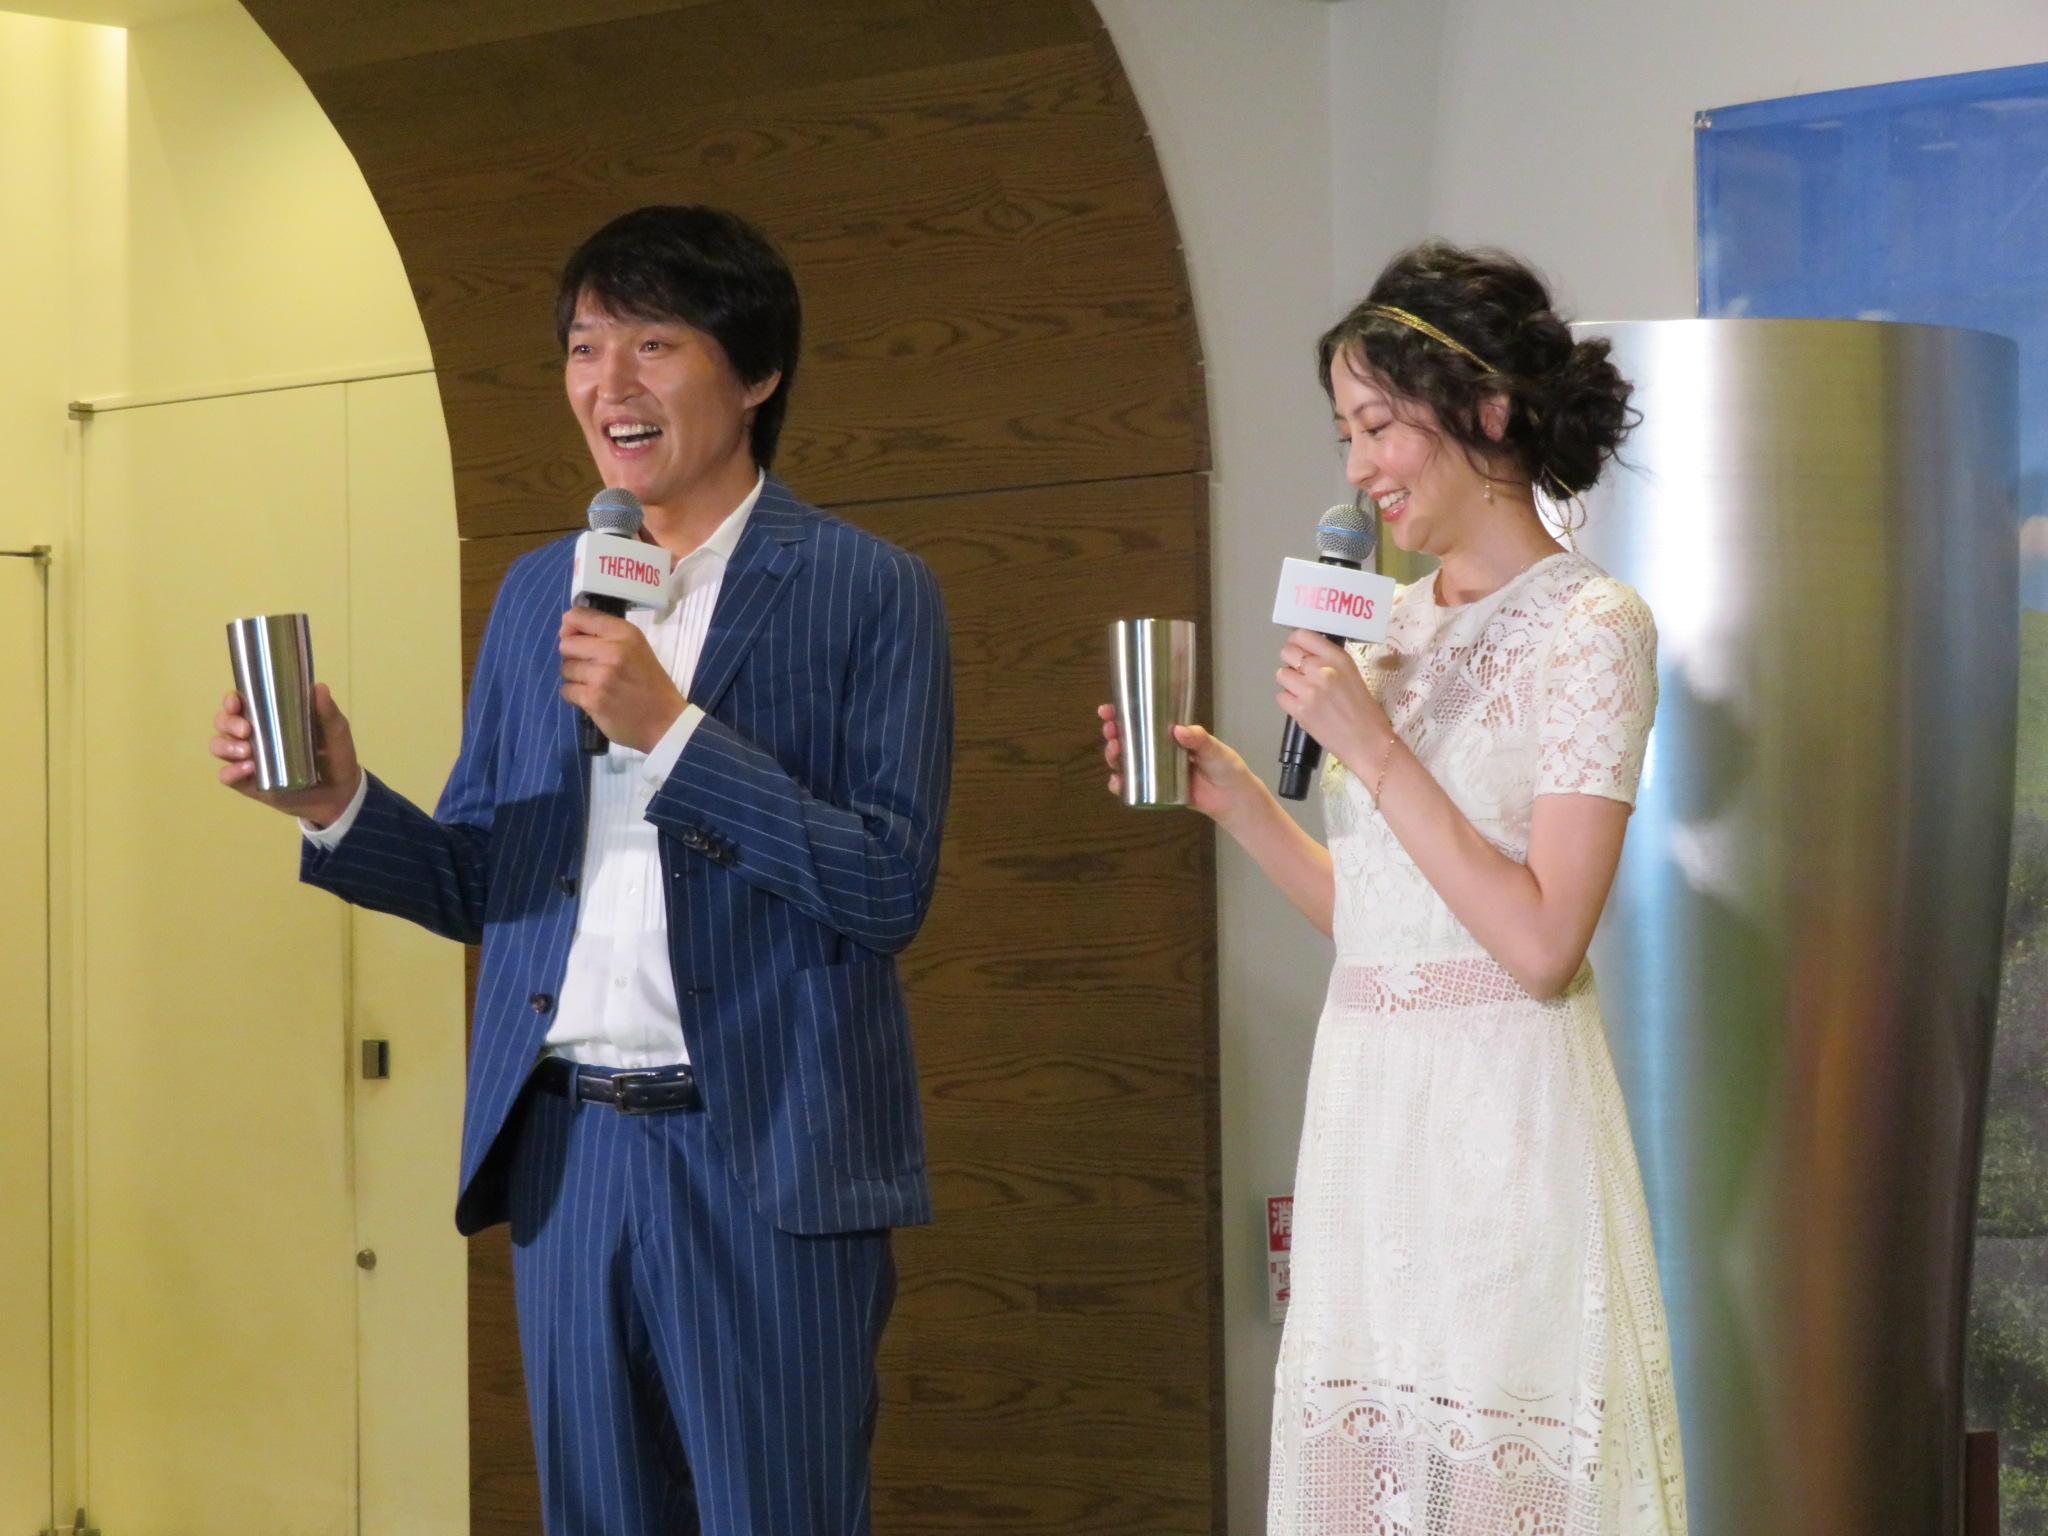 http://news.yoshimoto.co.jp/20180601001411-278c7b7240930ede7587bfe61b36490b4a9dd36b.jpg